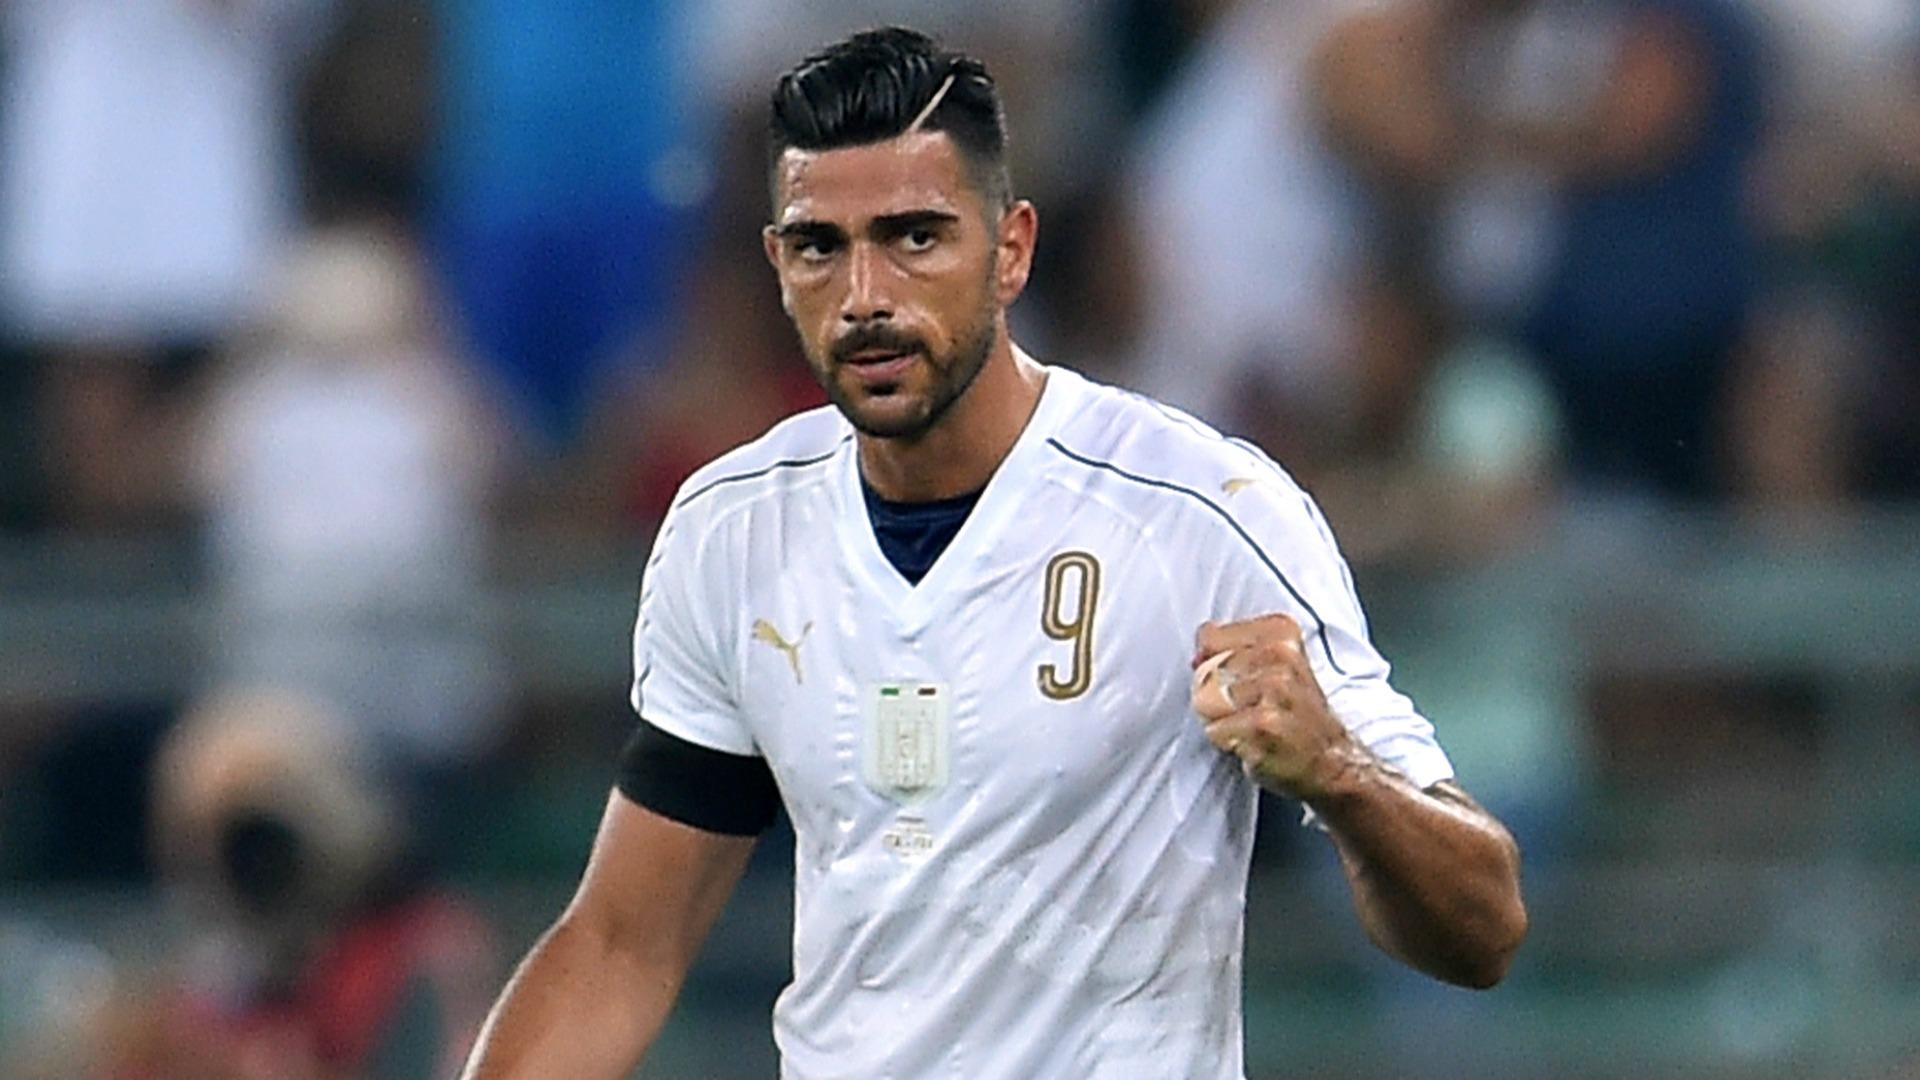 Calcio: esordio amaro per Ventura, la Francia vince 3-1 in amichevole